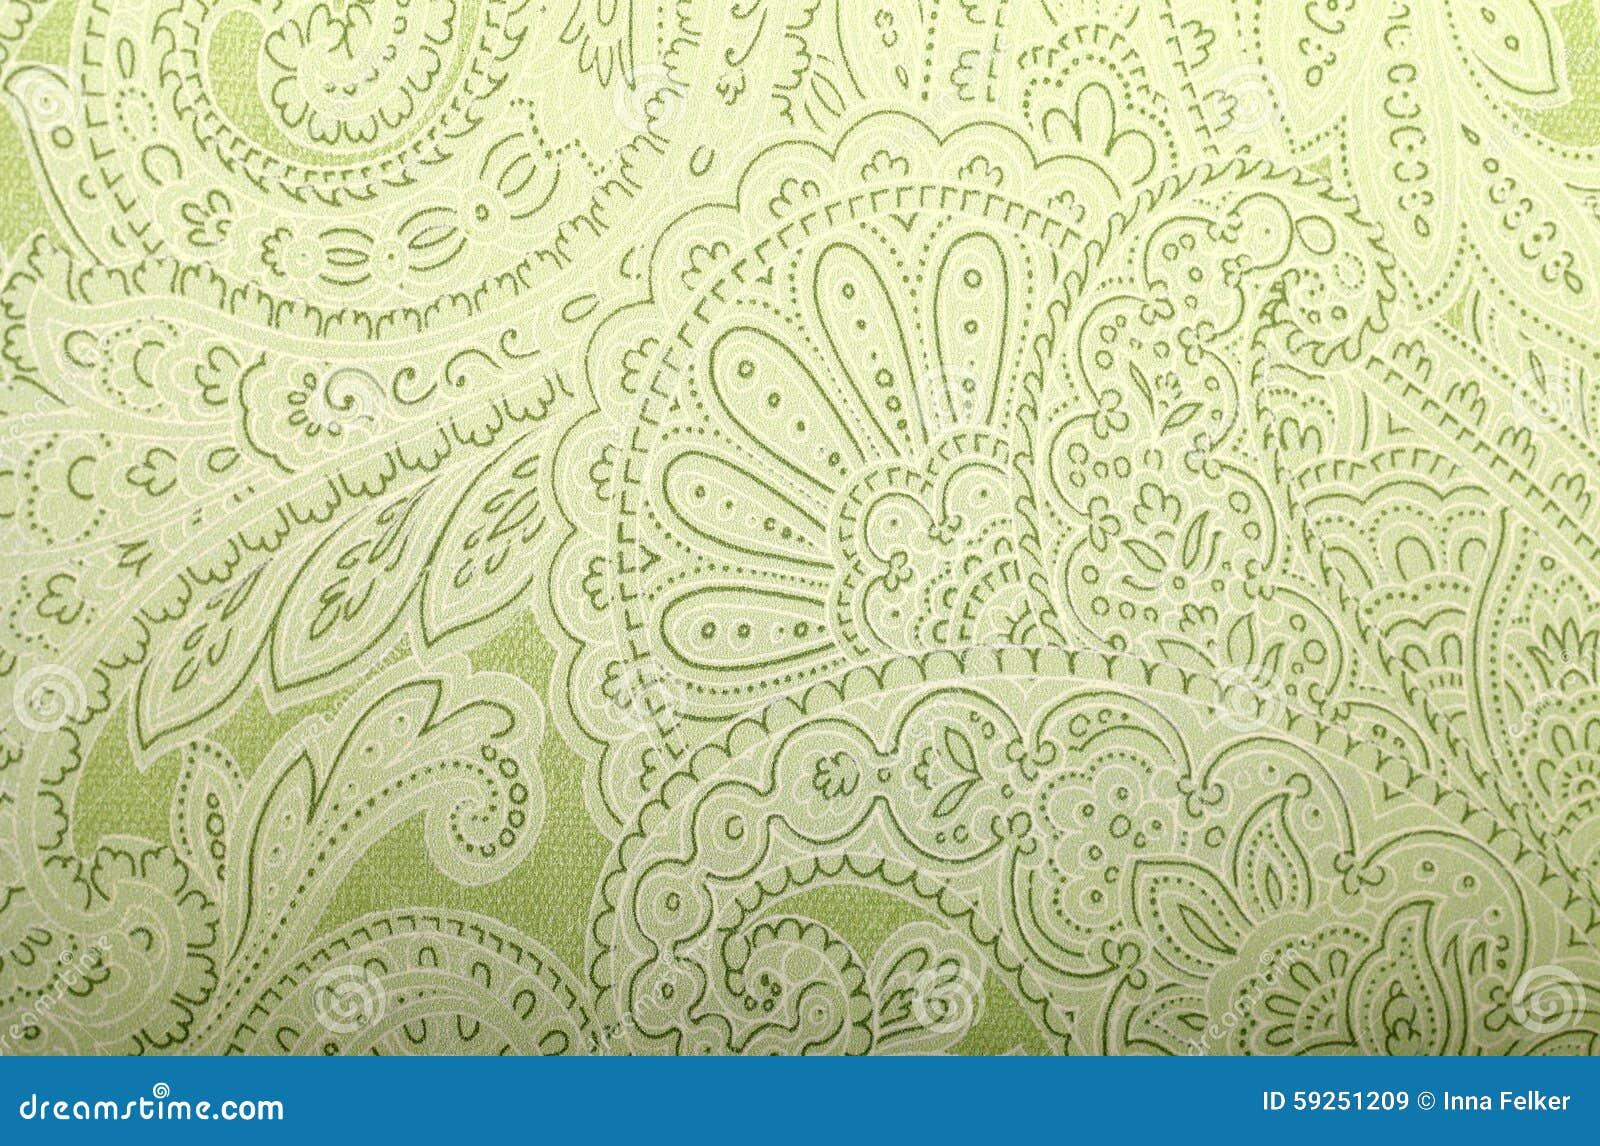 Behang Oud Groen.Uitstekend Grijs En Groen Behang Met Het Patroon Van Paisley Stock